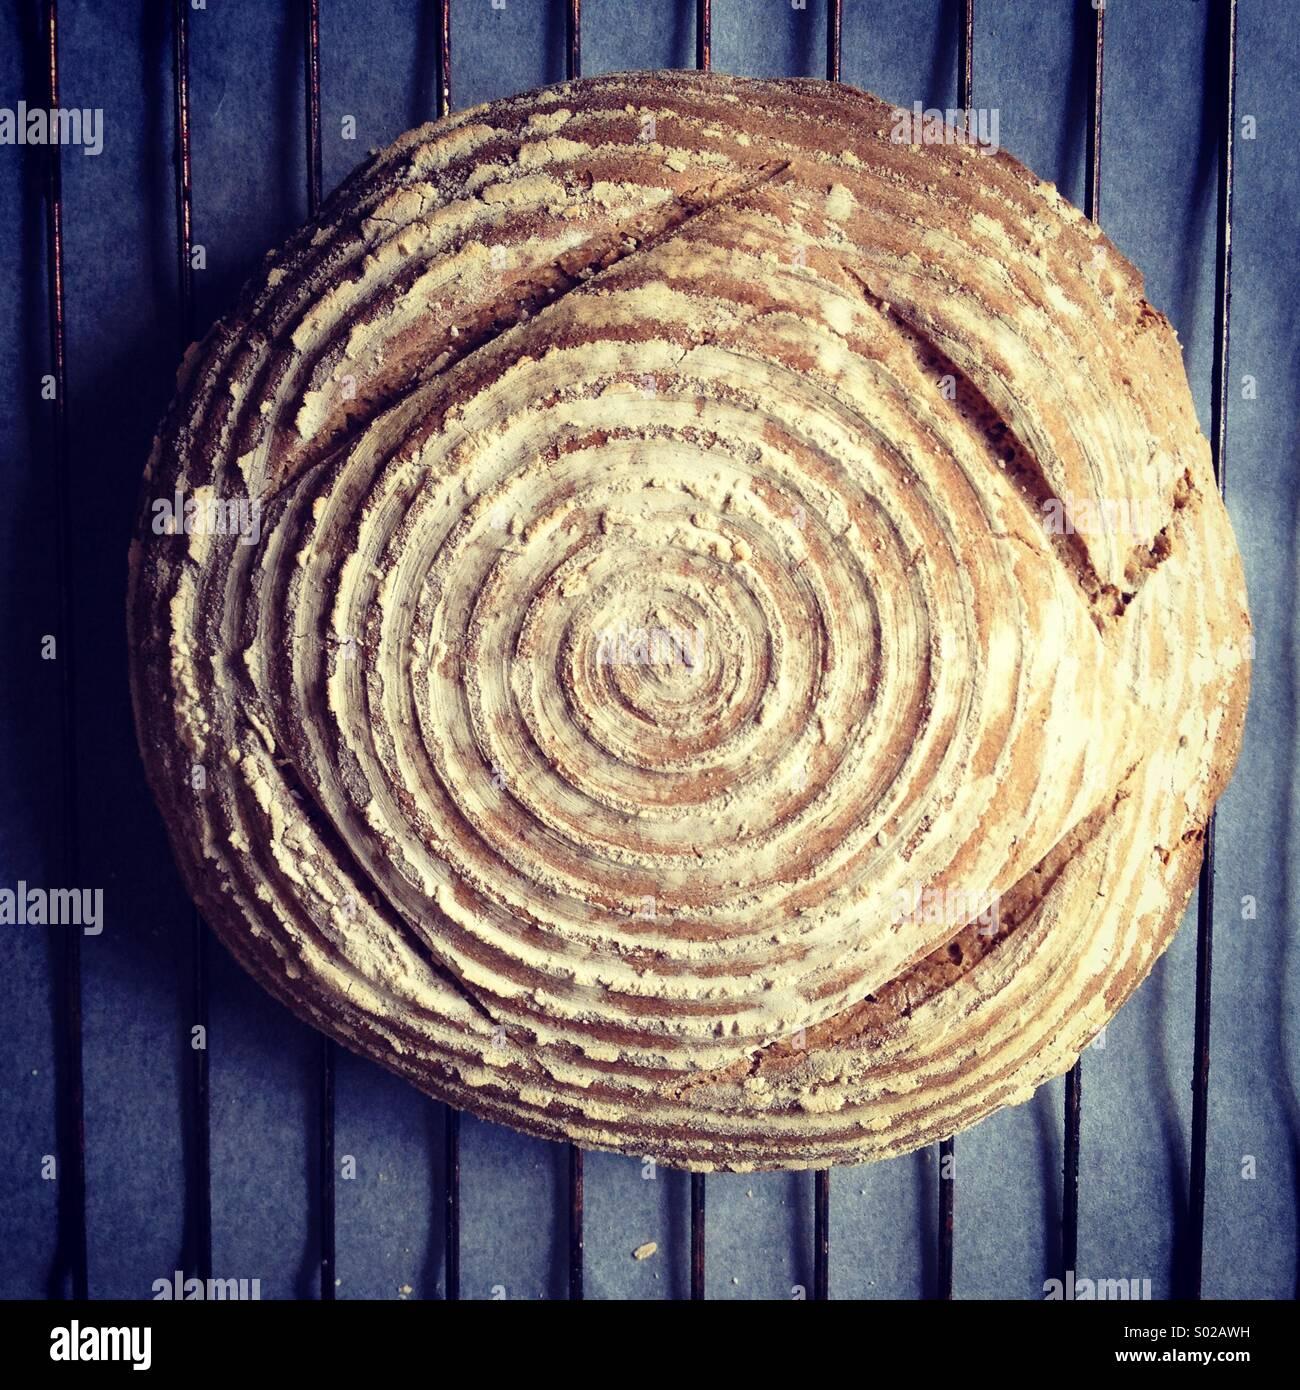 Sourdough bread - Stock Image